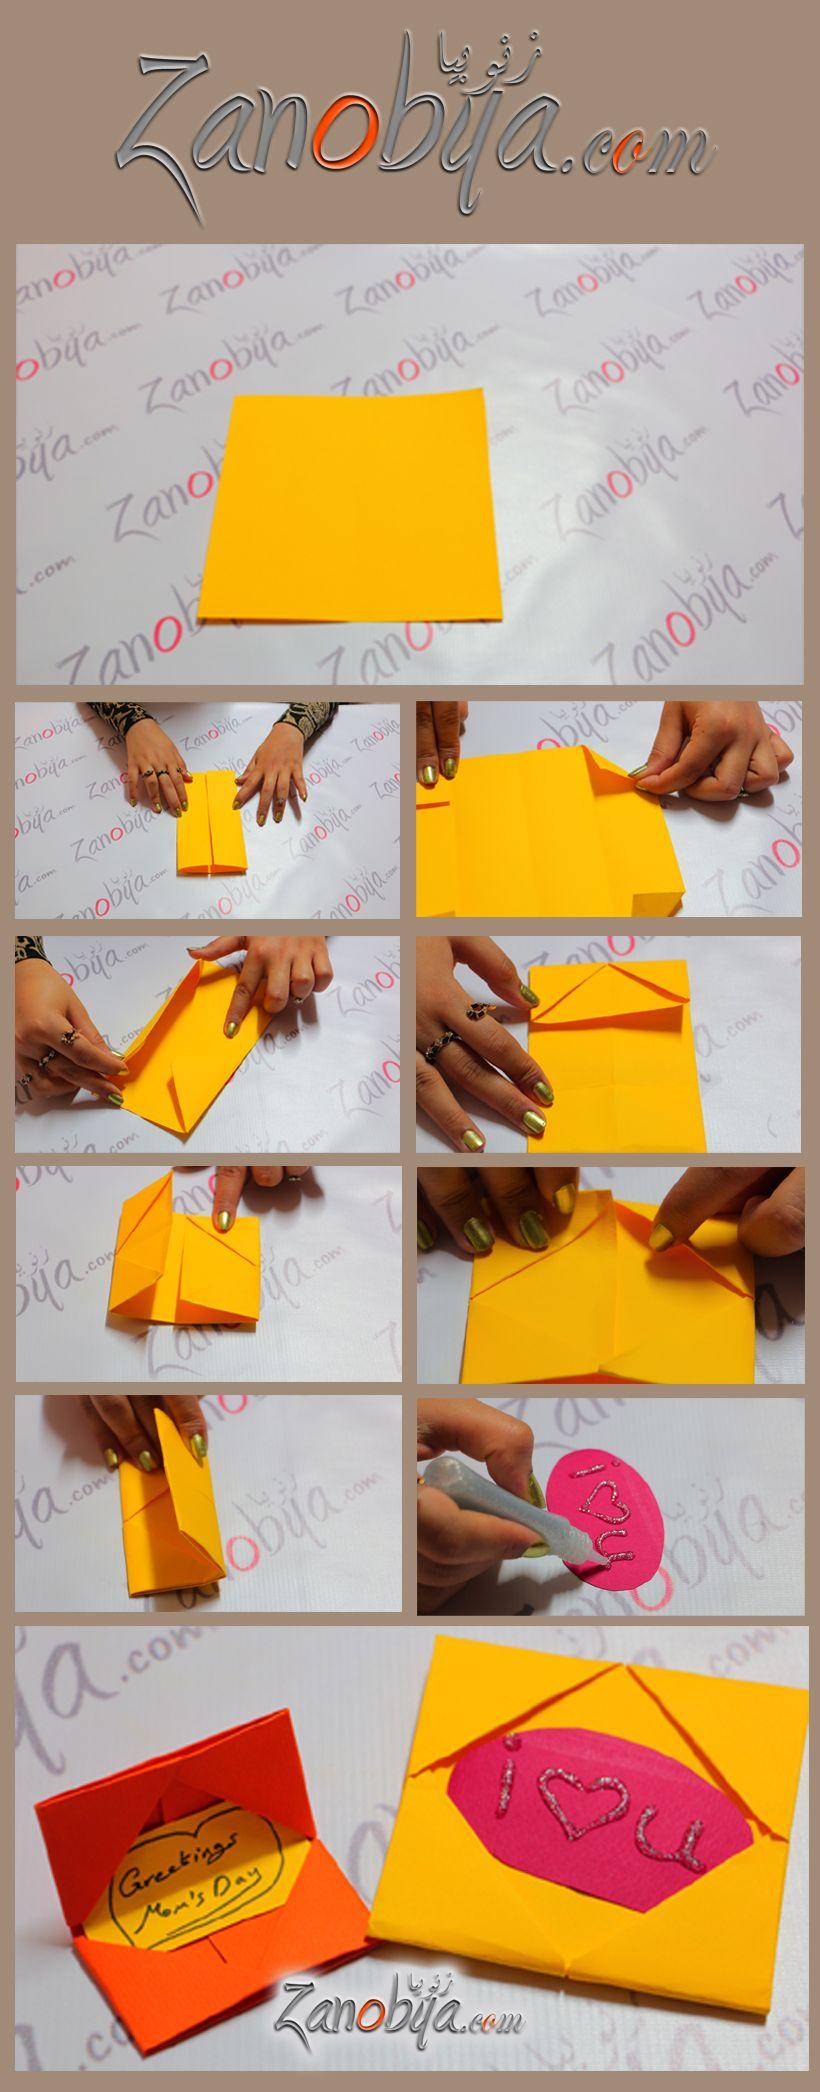 فيديو عمل بطاقة تهنئة للاطفال زنوبيا Crafts Diy And Crafts Arts And Crafts